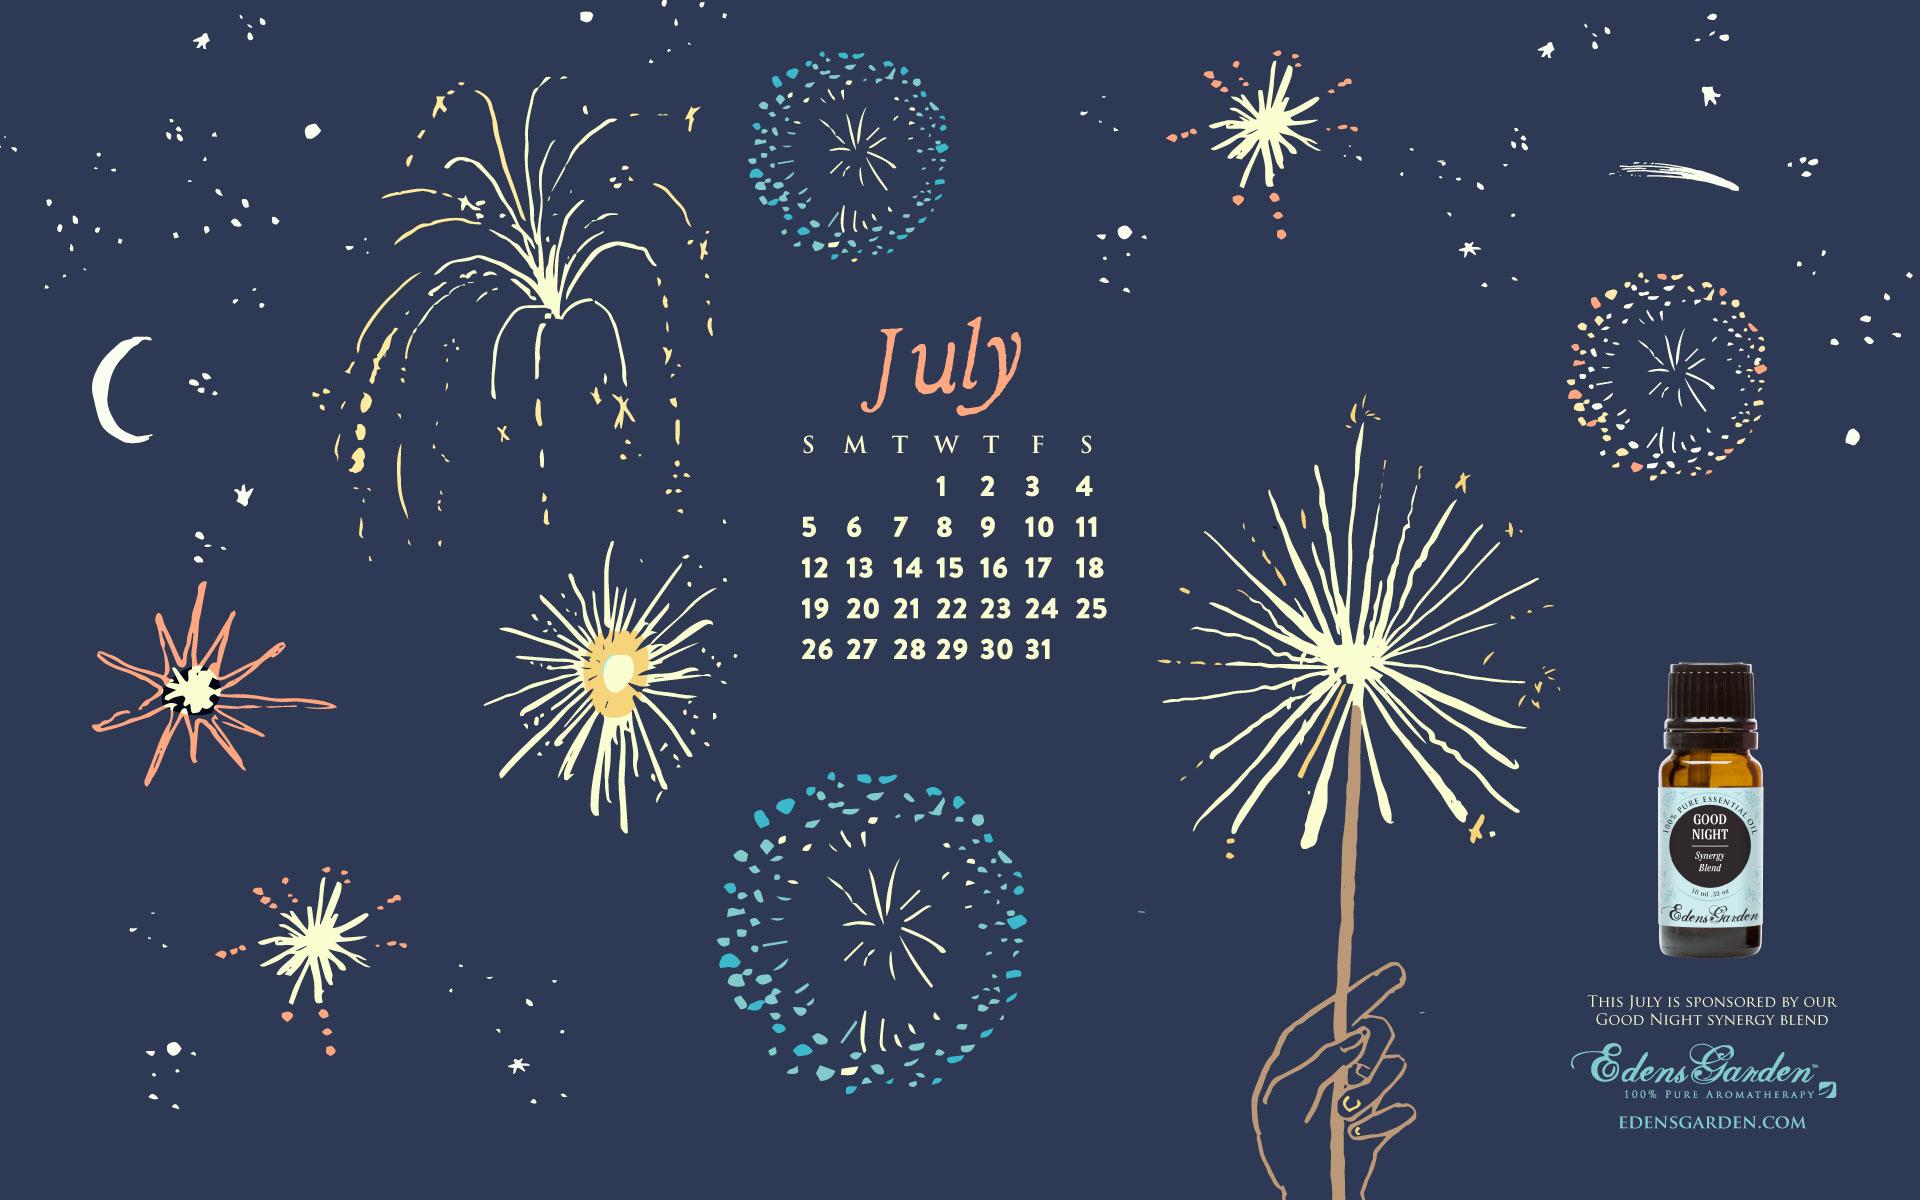 Calendar Wallpaper July 2015 : July calendar wallpaper wallpapersafari